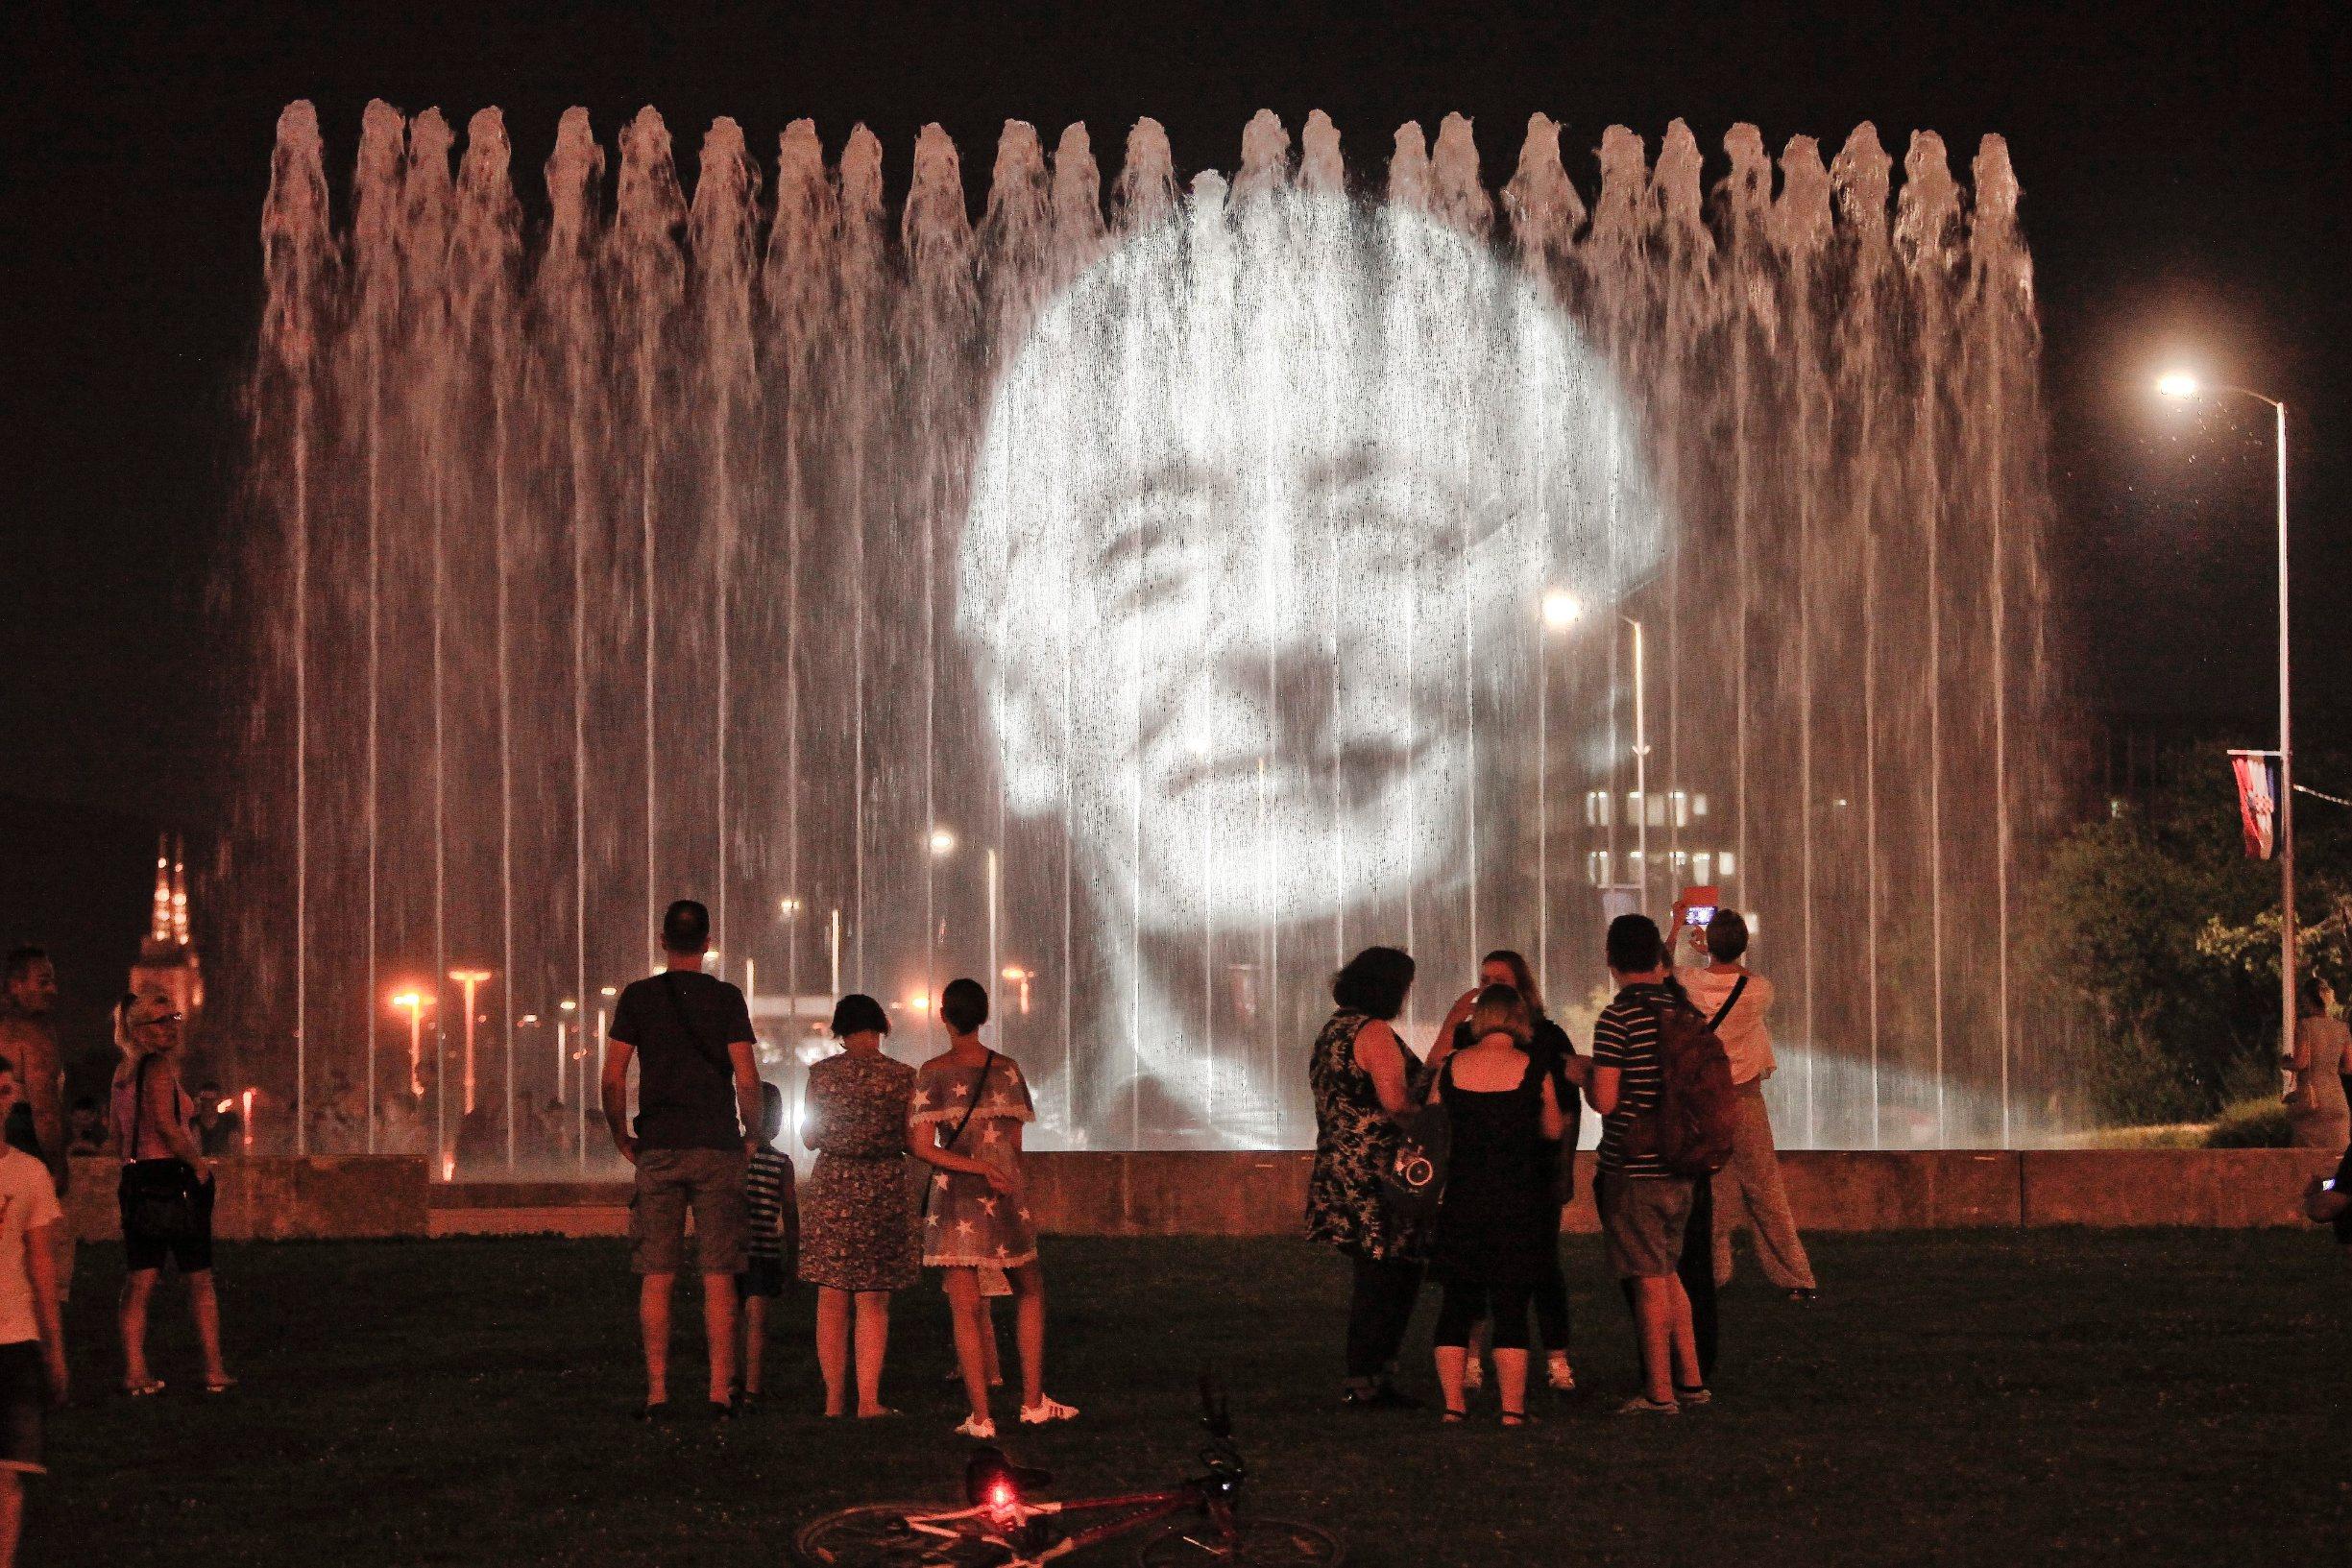 Zagreb, 310718. Na zagrebackim fontanama odrzan je oprostaj od Olivera Dragojevica. Svirale su se njegove pjesme a na fontanama je projicirana prigodna svjetlost. Na fotografiji: projekcija. Foto: Zeljko Puhovski / CROPIX